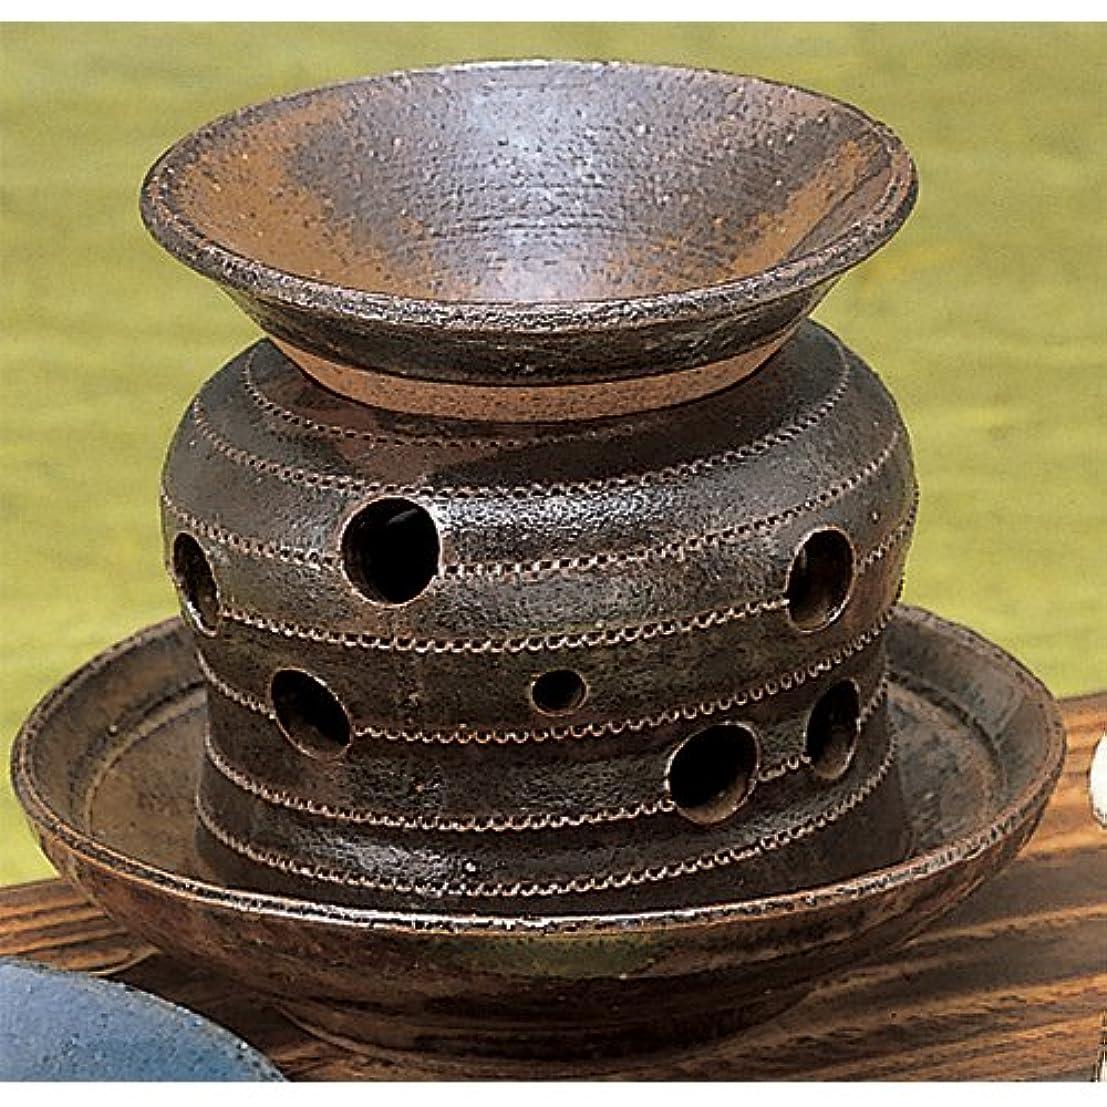 浴志す大きい香炉 灰流し 茶香炉 [R13xH10.5cm] プレゼント ギフト 和食器 かわいい インテリア